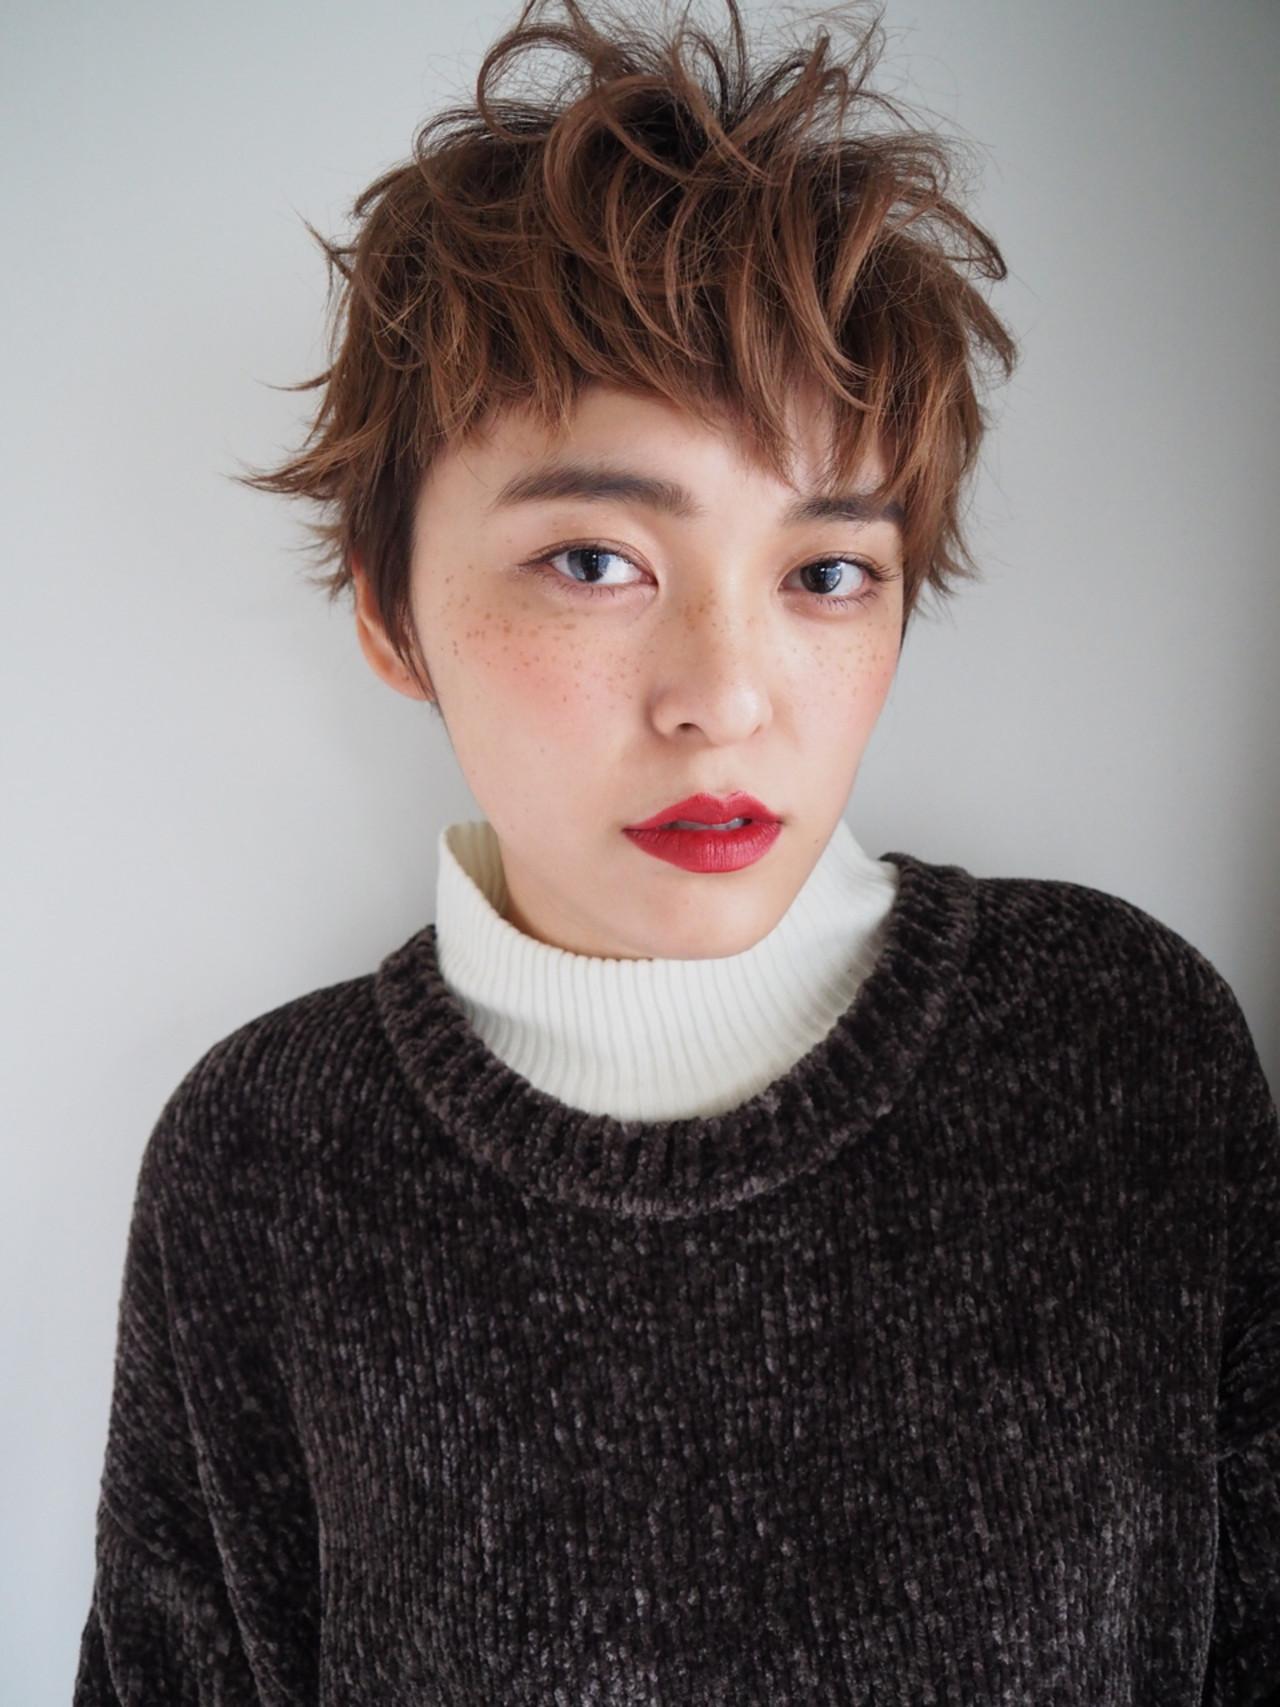 【最新】ふんわり癒し系!くせ毛風ショートヘアが可愛い? Keiichi Suzuki